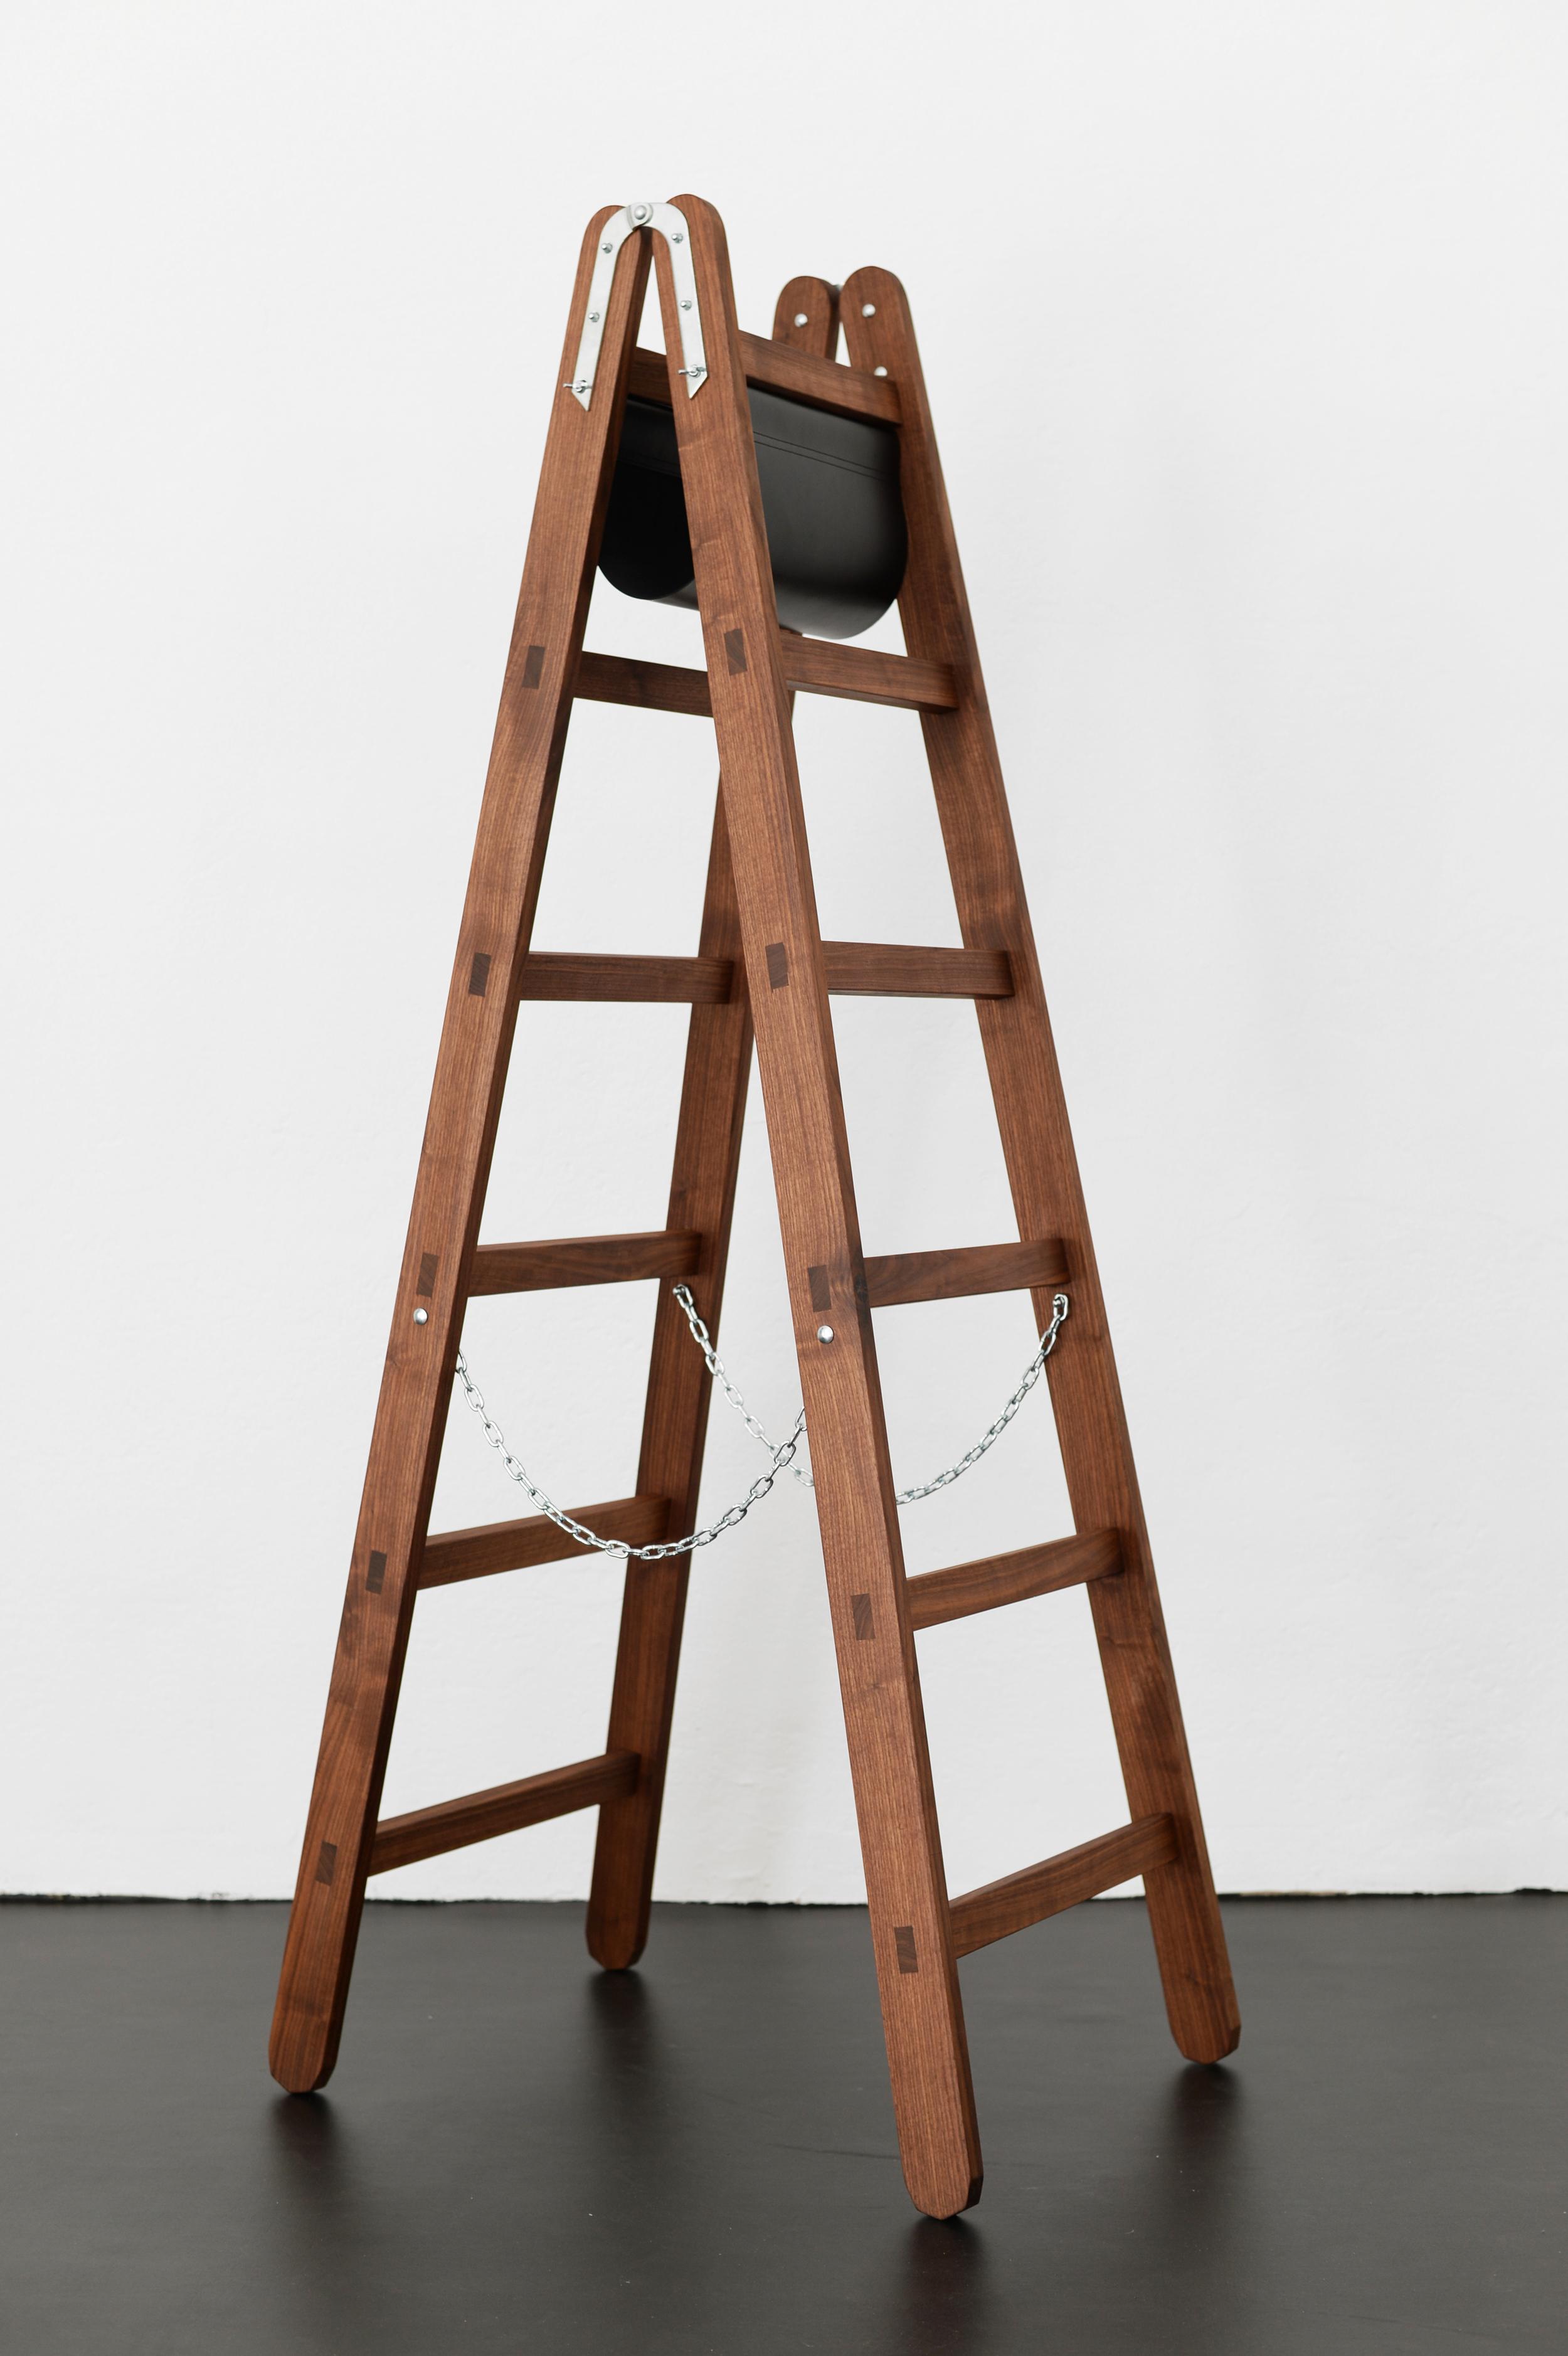 Simon Freund – Wooden Ladder